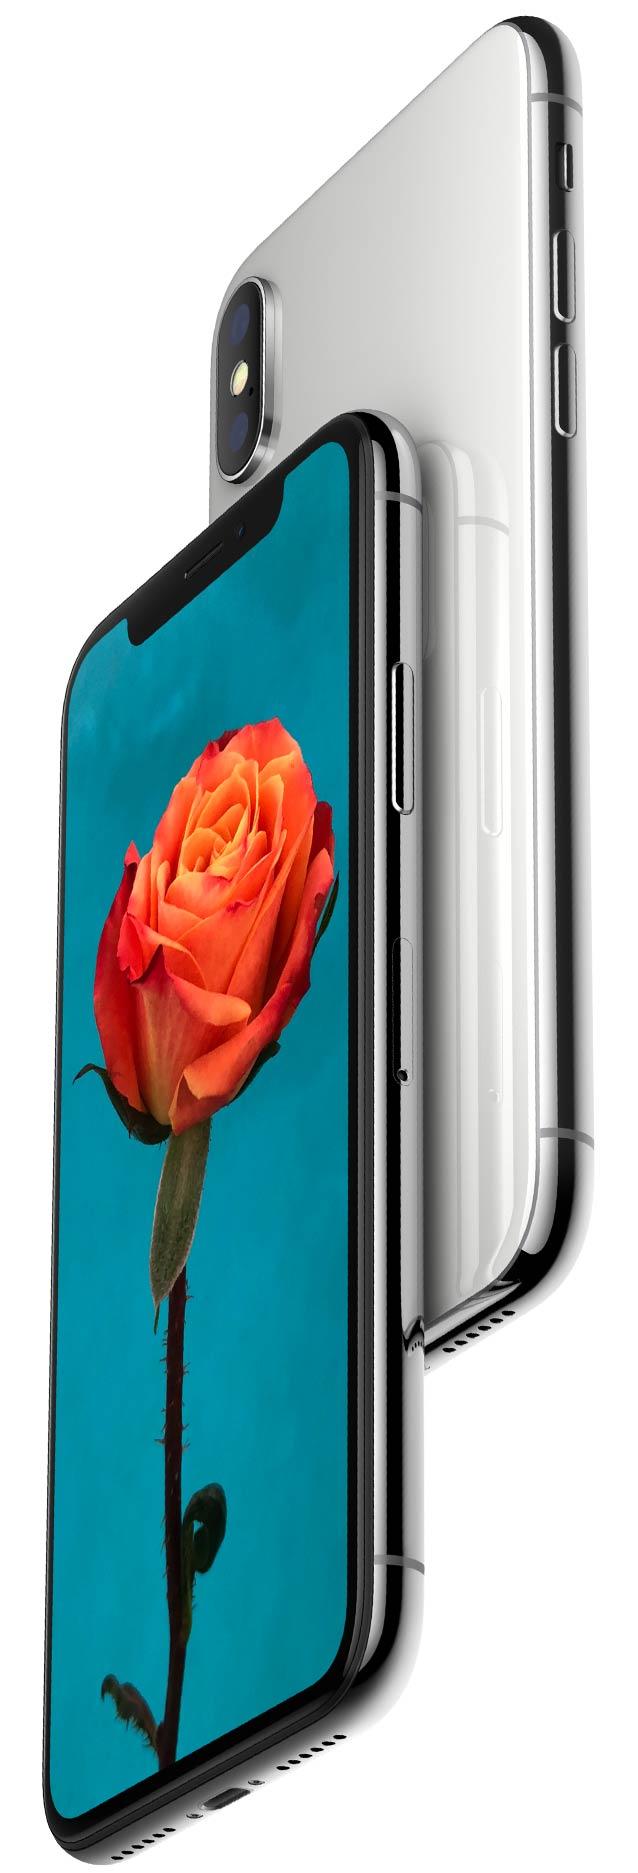 Iphone X Prezzo MediaWorld